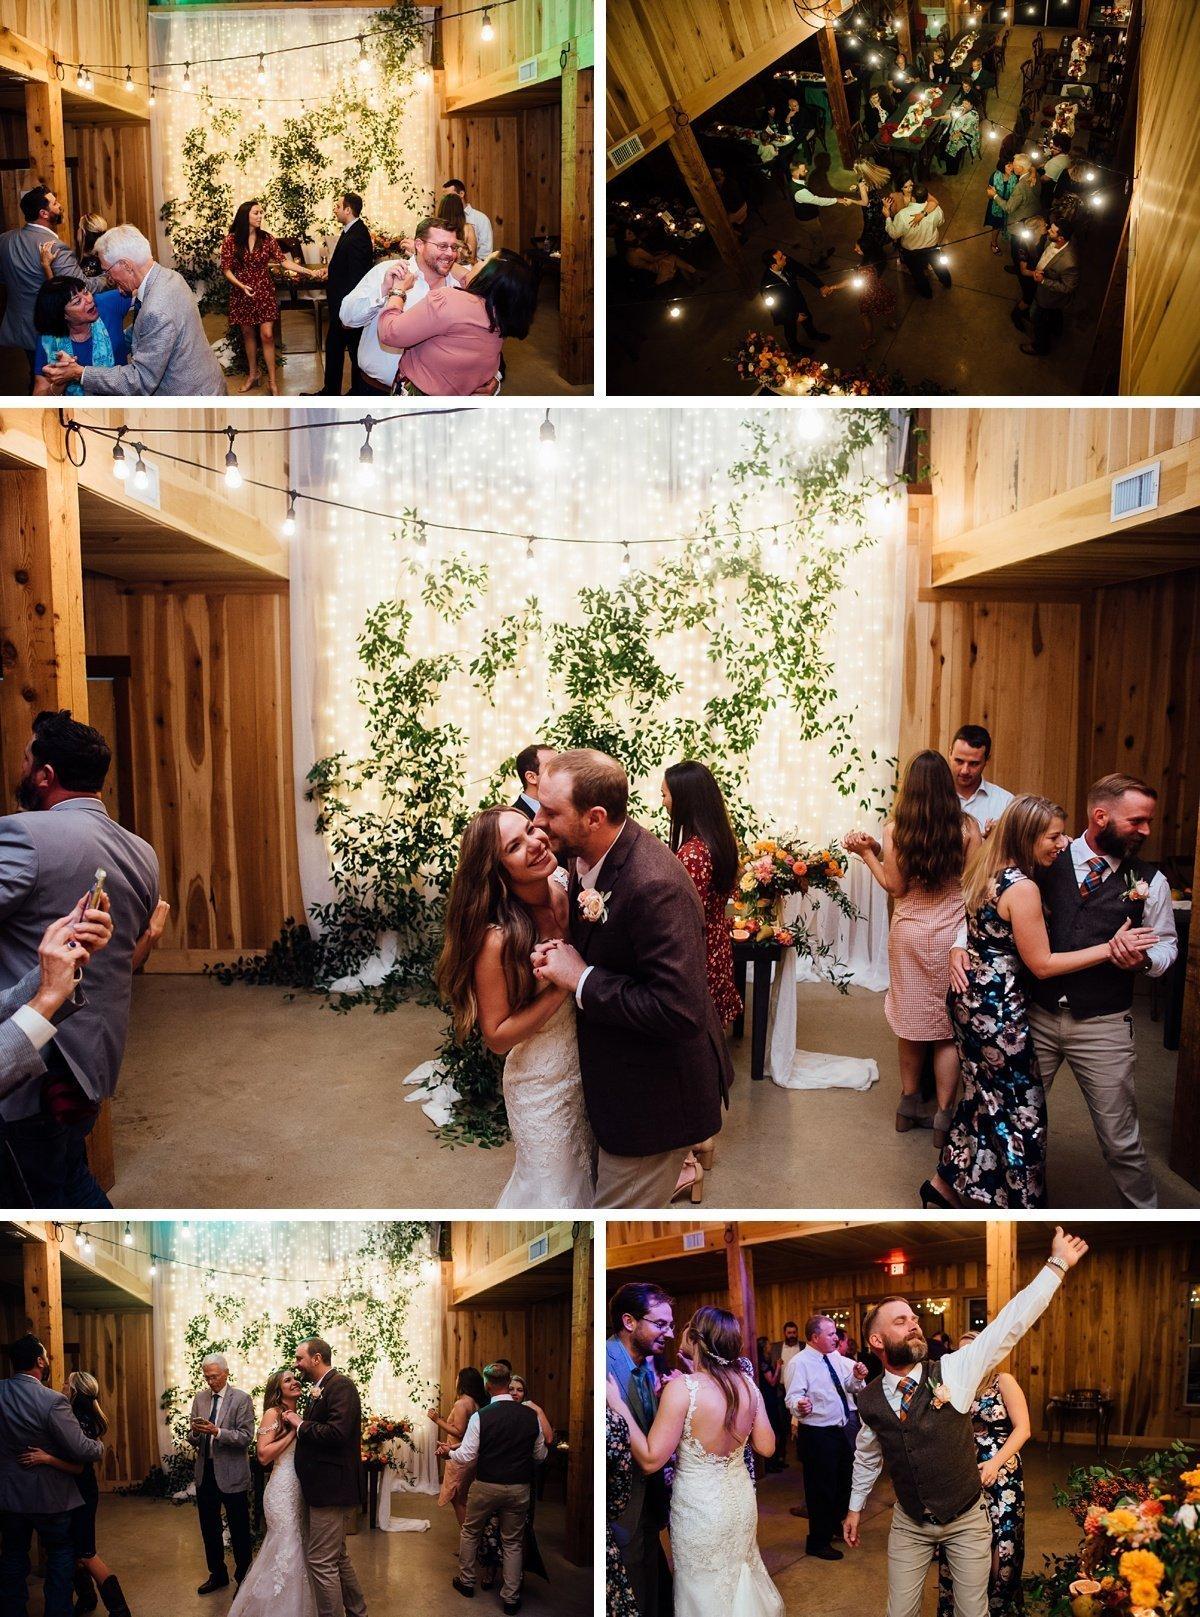 fun-wedding-reception-2 Allenbrooke Farms | Spring Hill TN Wedding | Sam and Kaleb